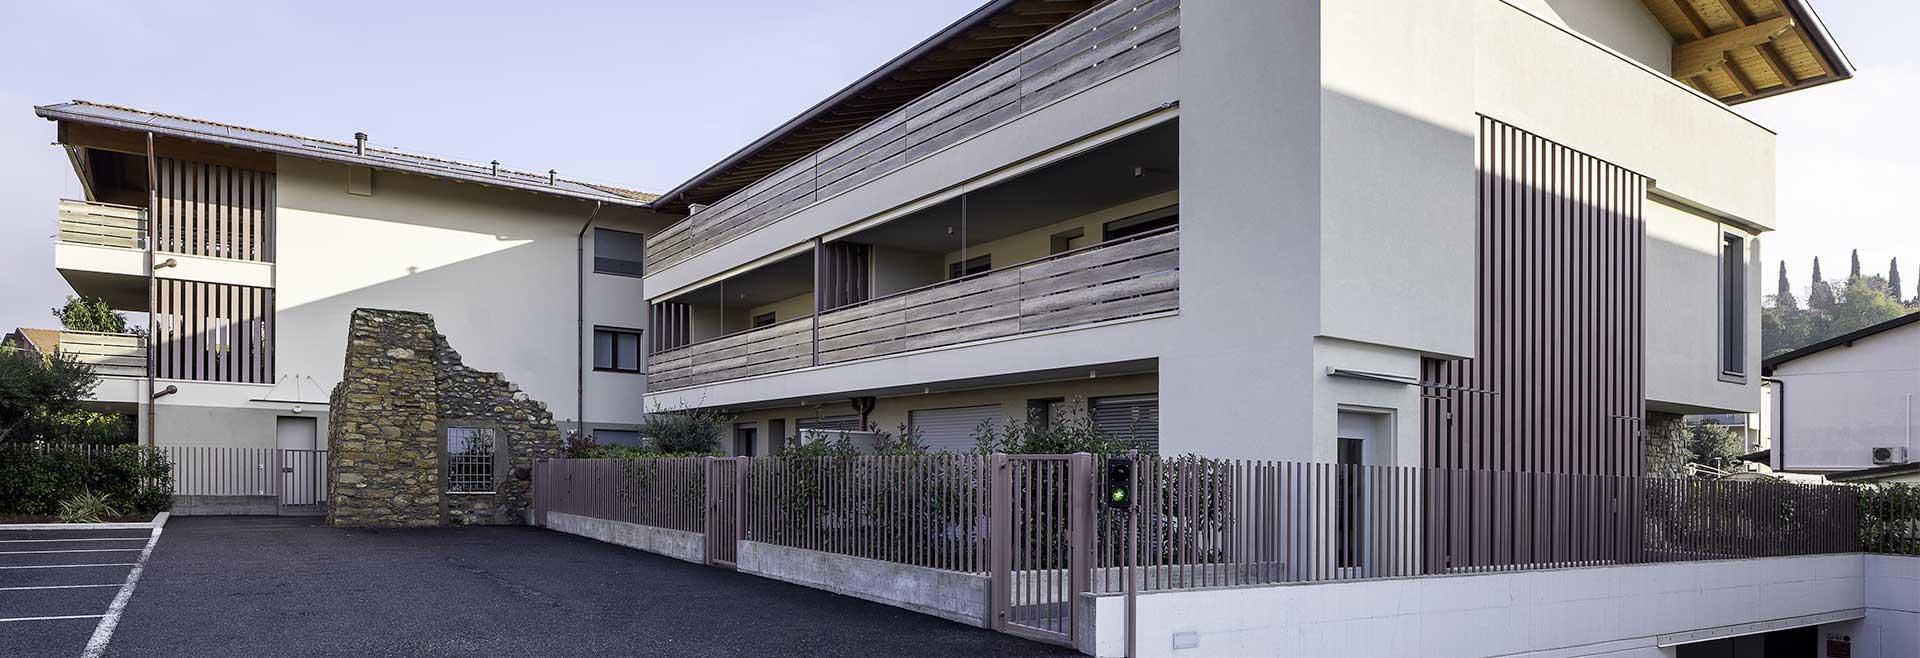 Residenza Cascina Canova